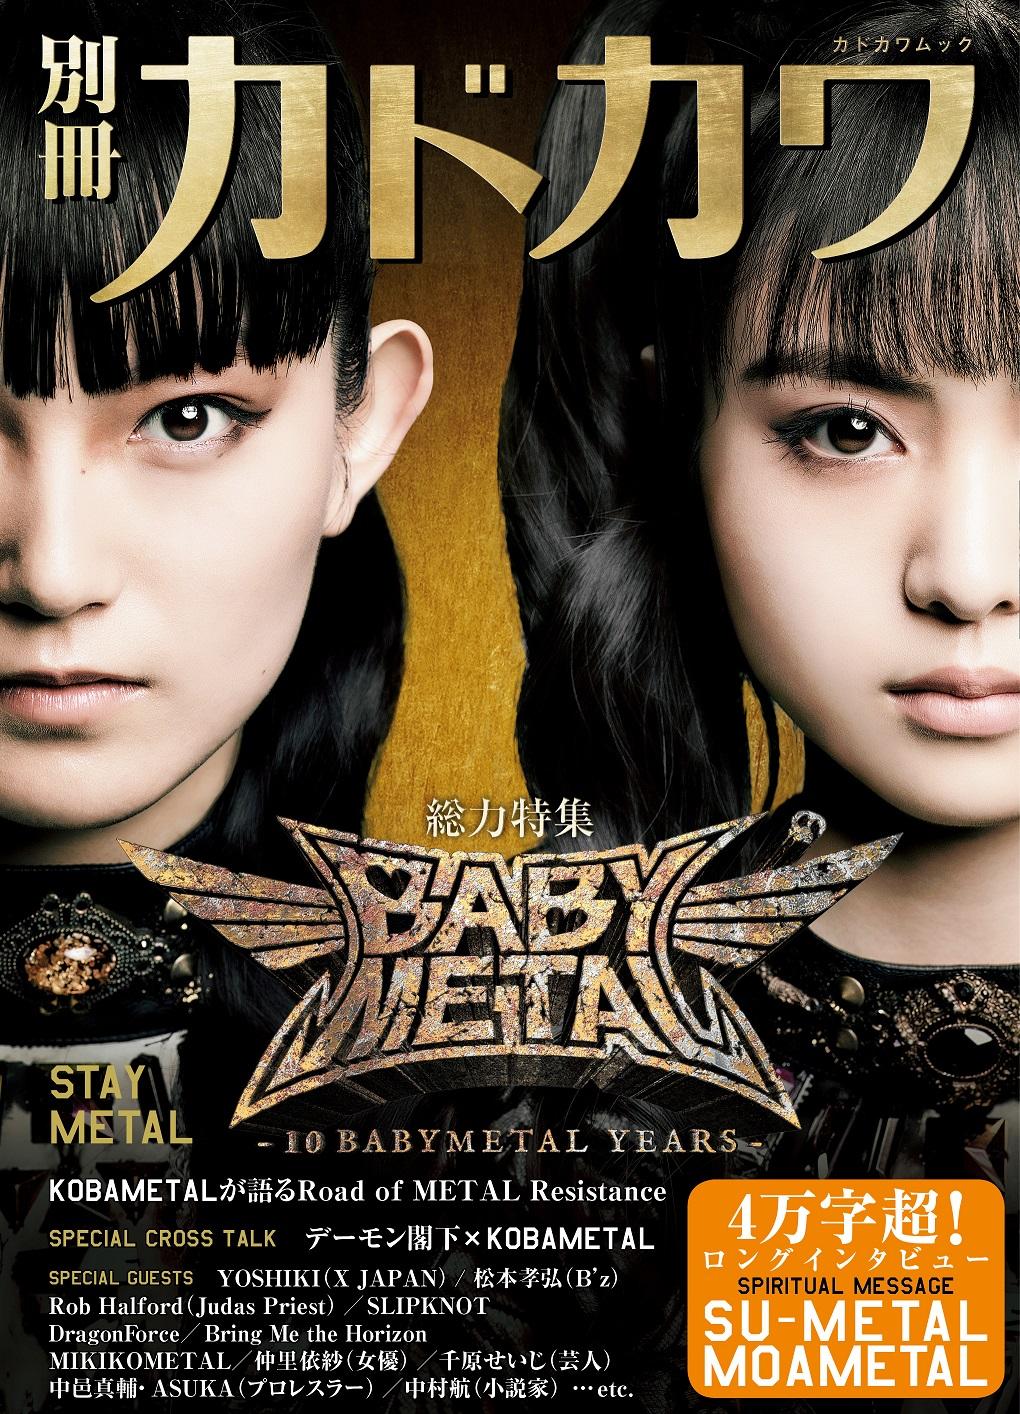 別冊カドカワ 総力特集 BABYMETAL STAY METAL 1,540円